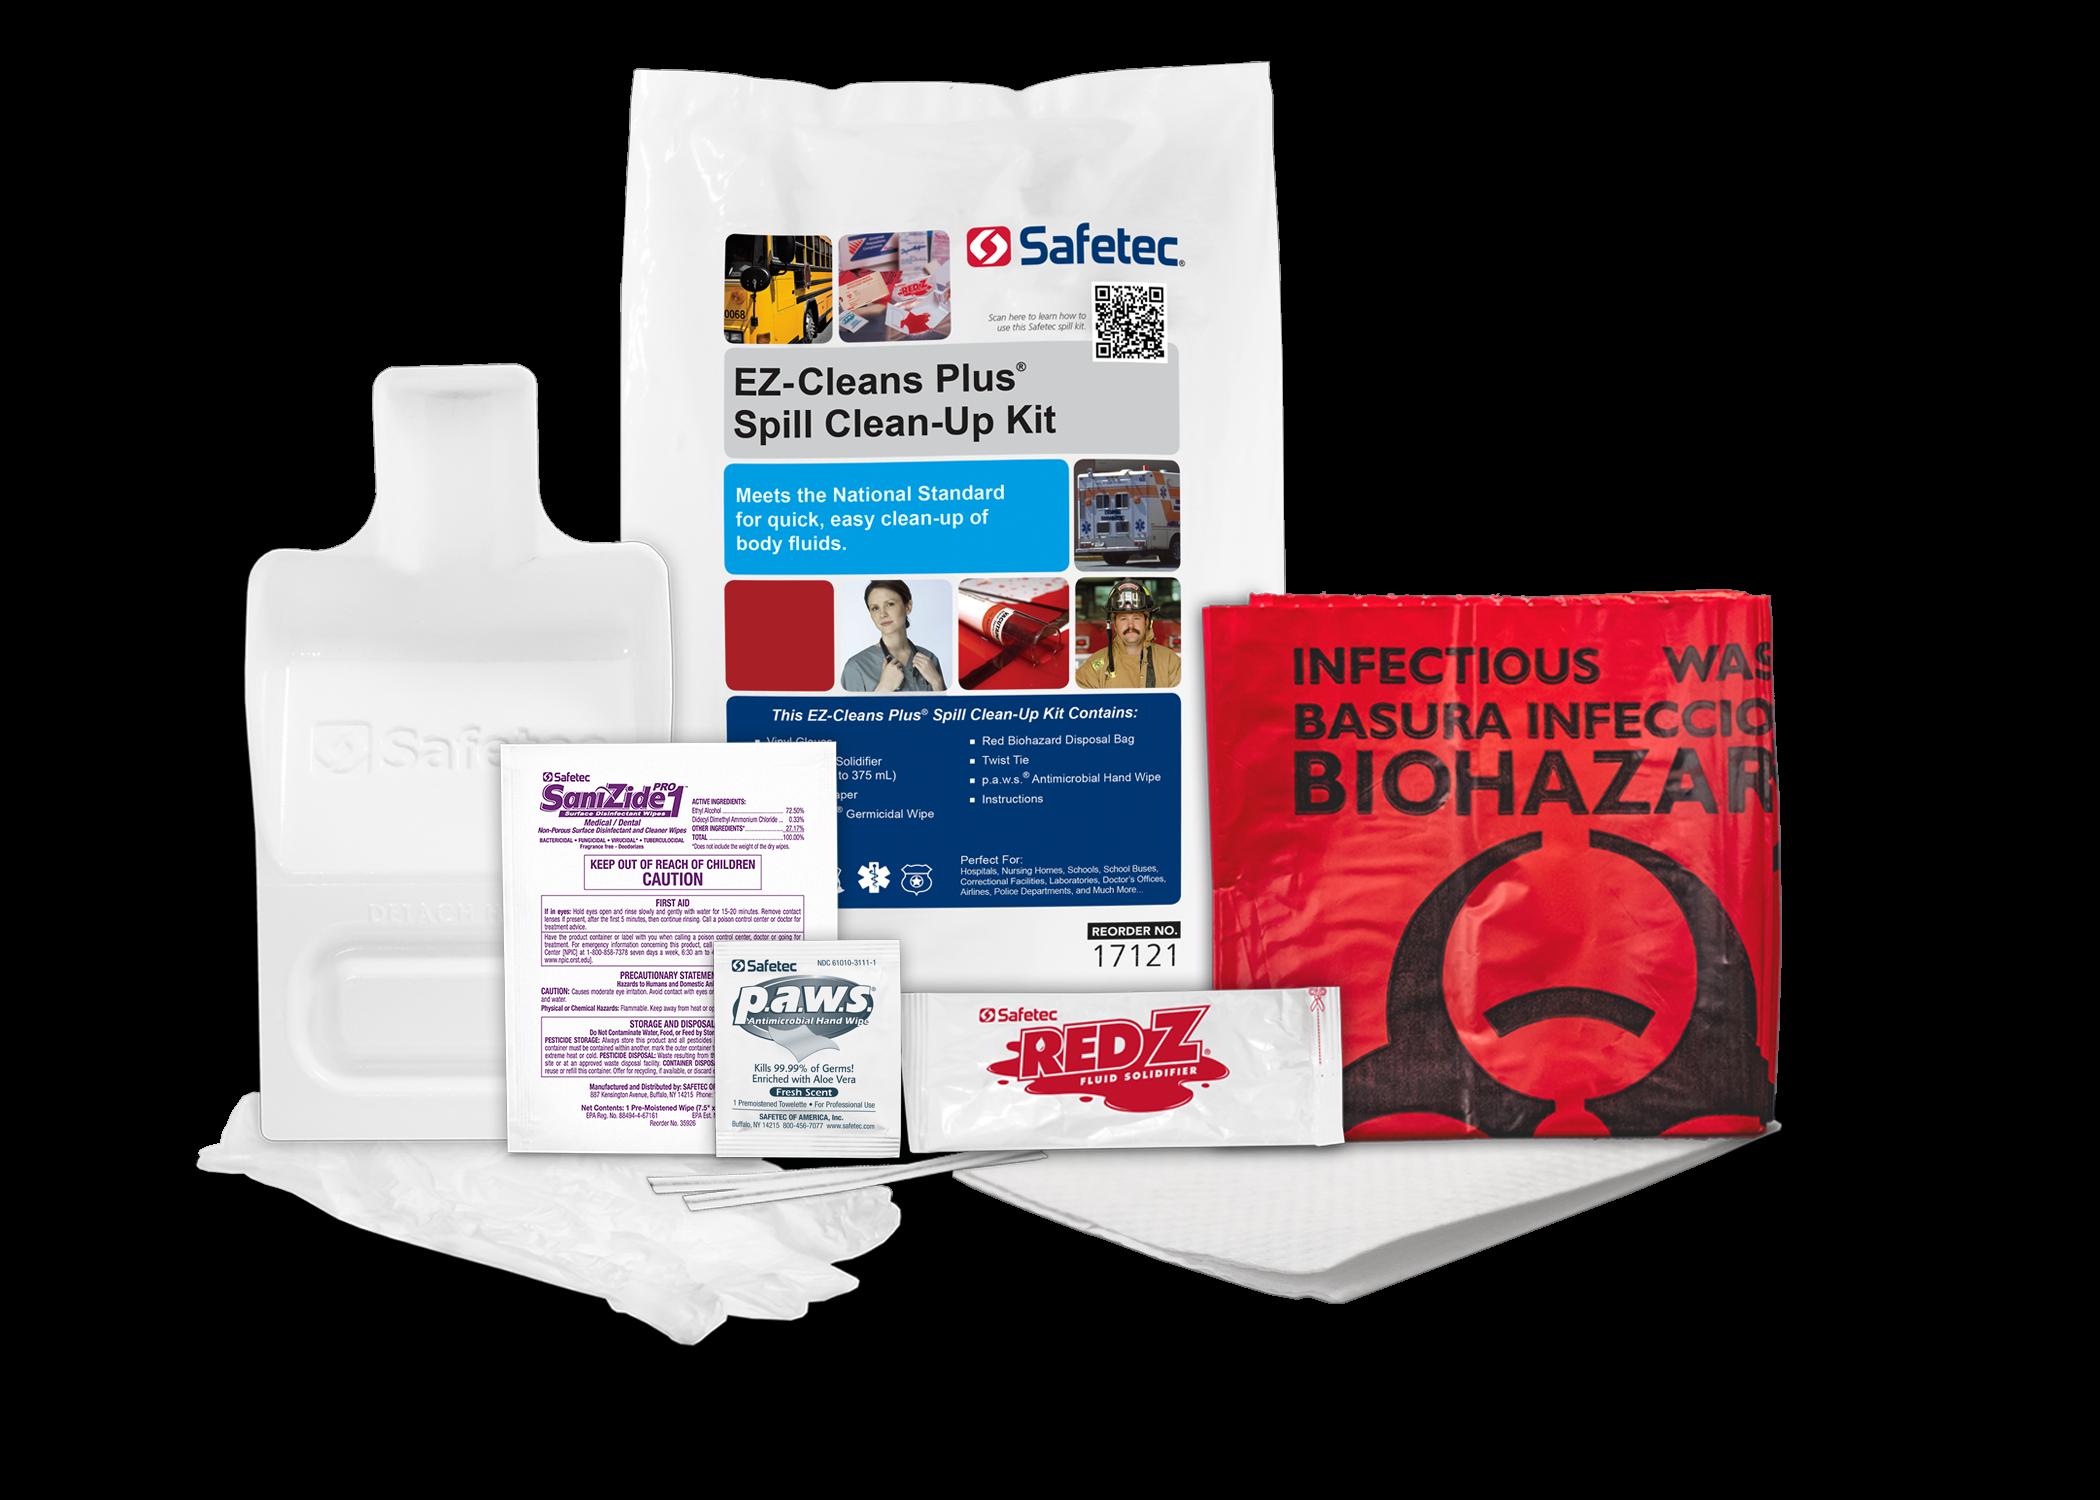 17121_EZ-Cleans Plus Spill Clean-Up Kit (1)